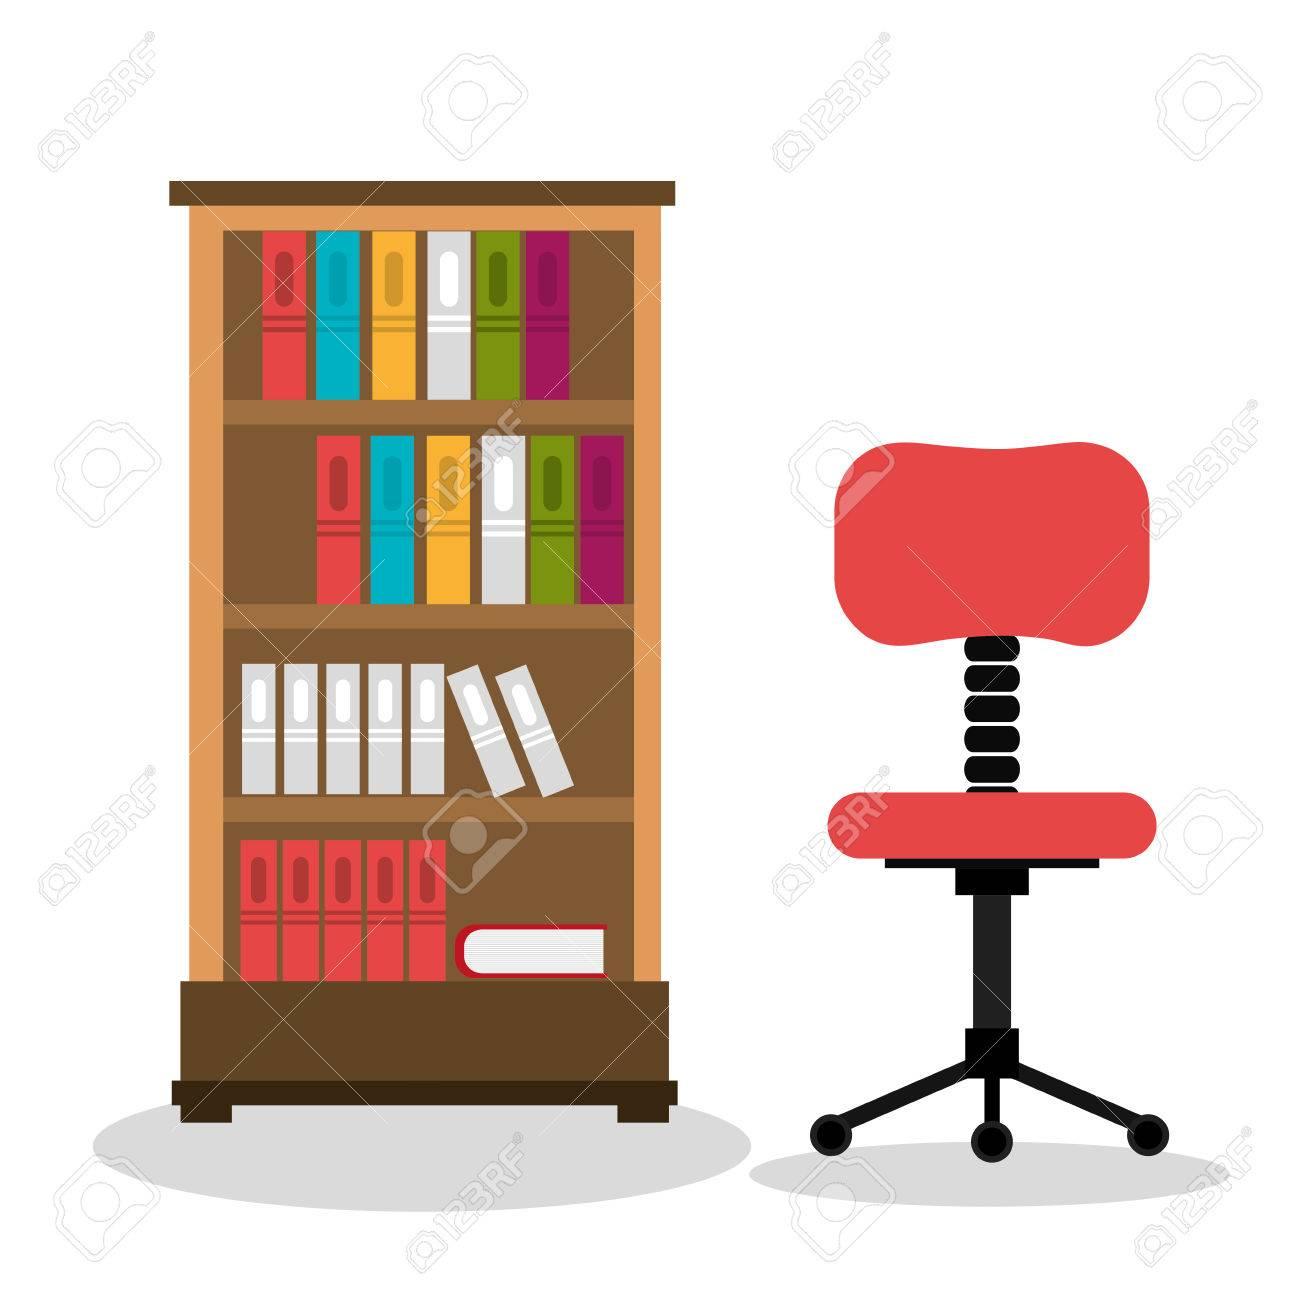 office boekenkast gesoleerd pictogram ontwerp vector illustratie grafische stockfoto 59900783